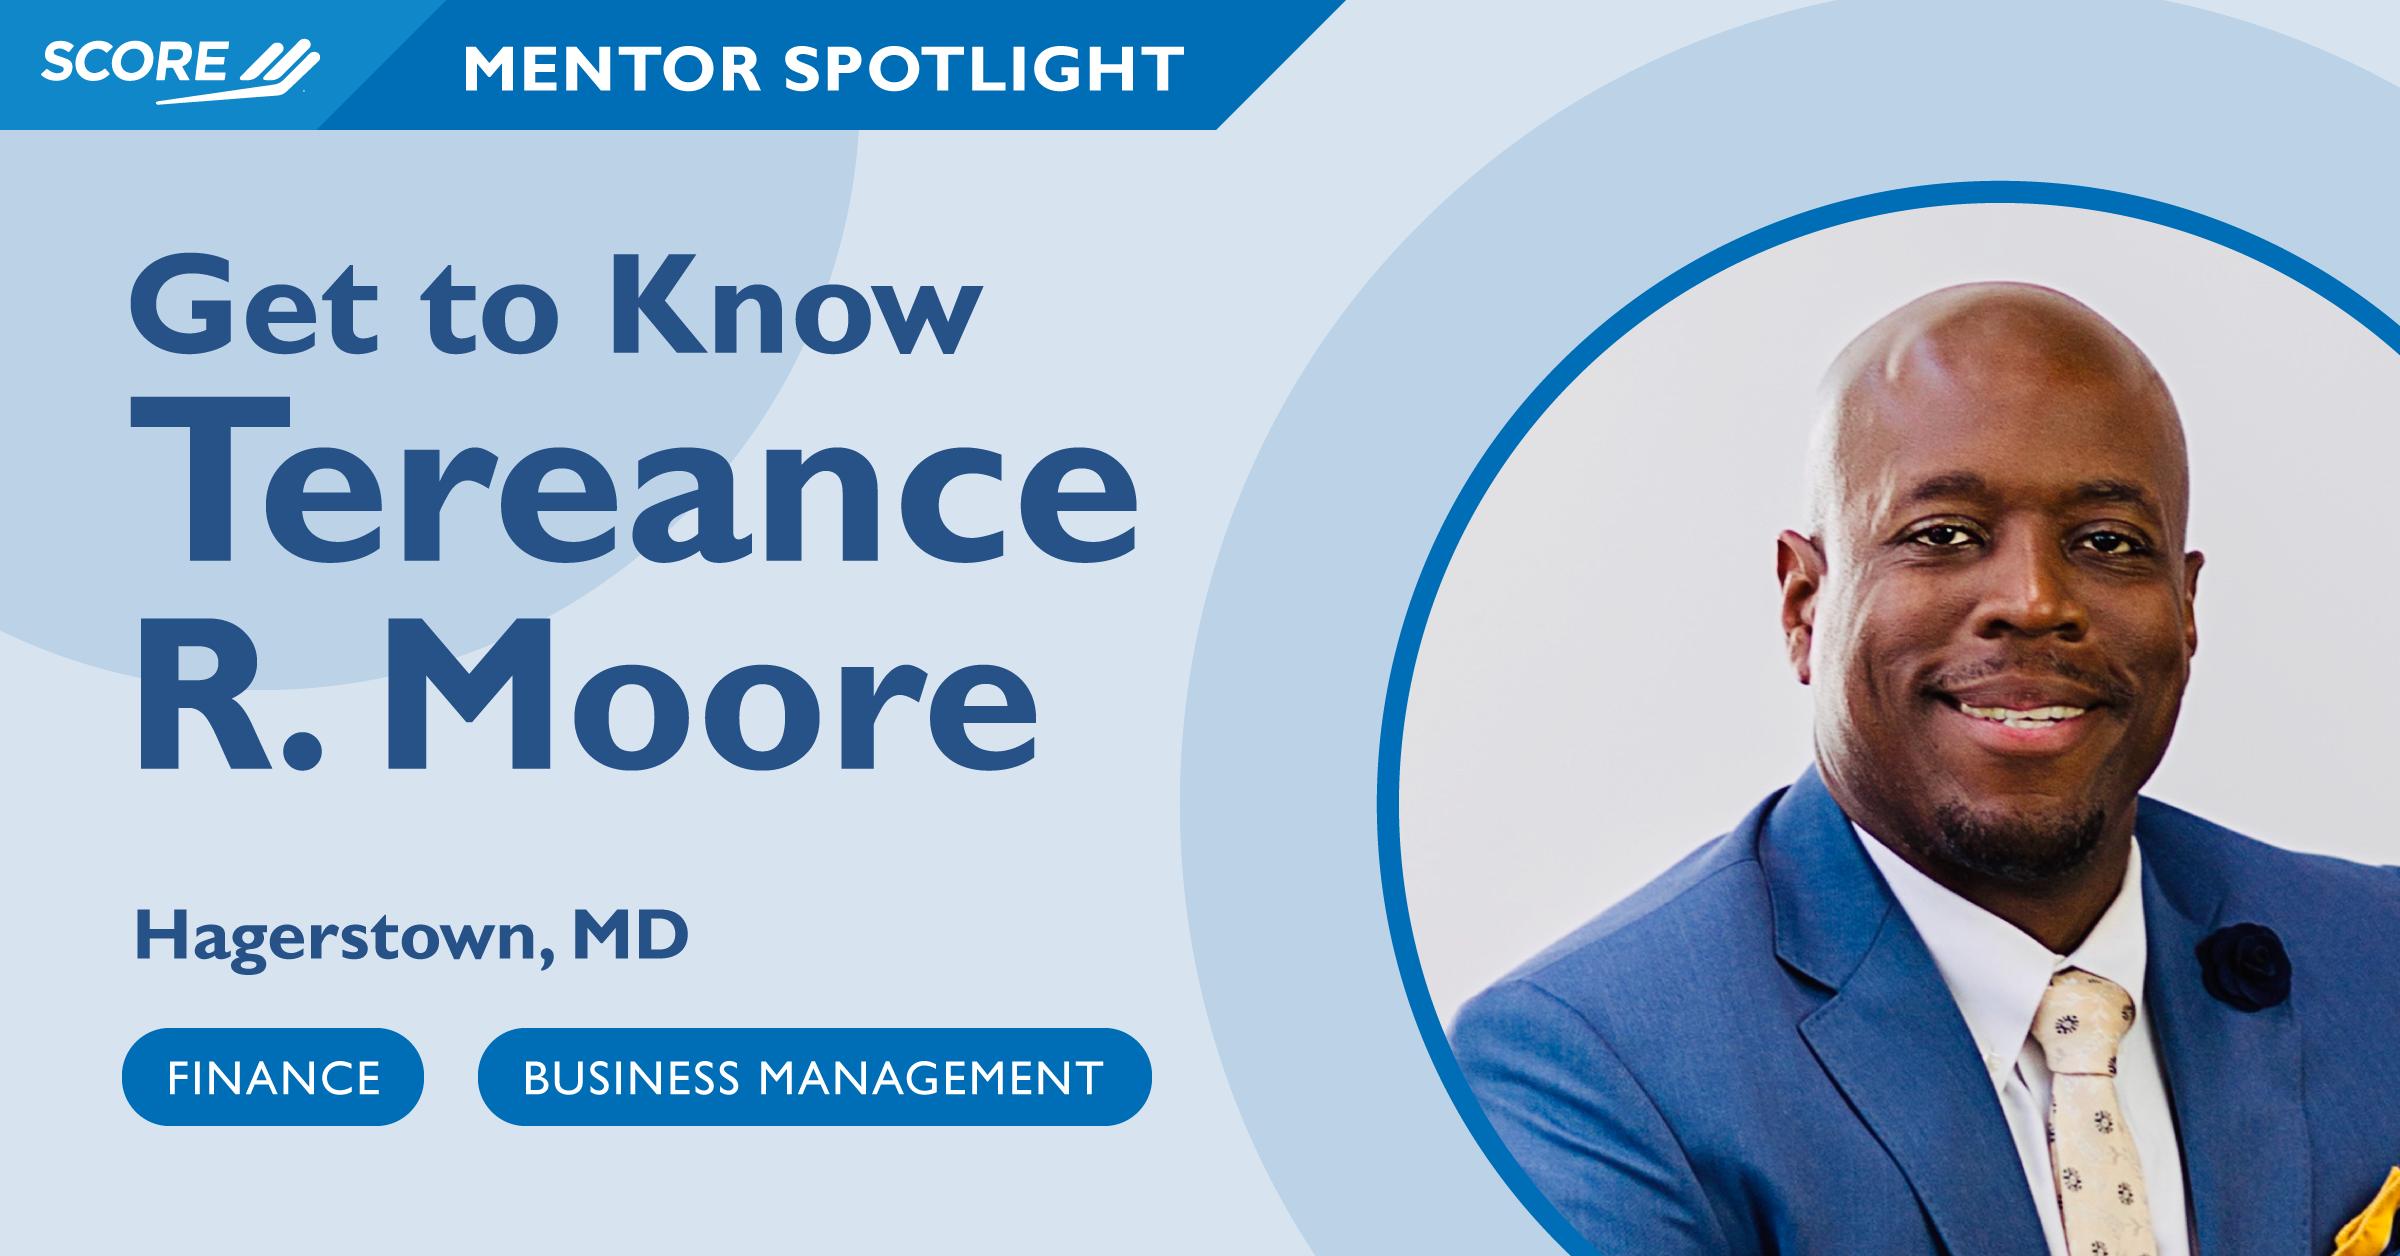 Mentor Spotlight - Tereance R. Moore